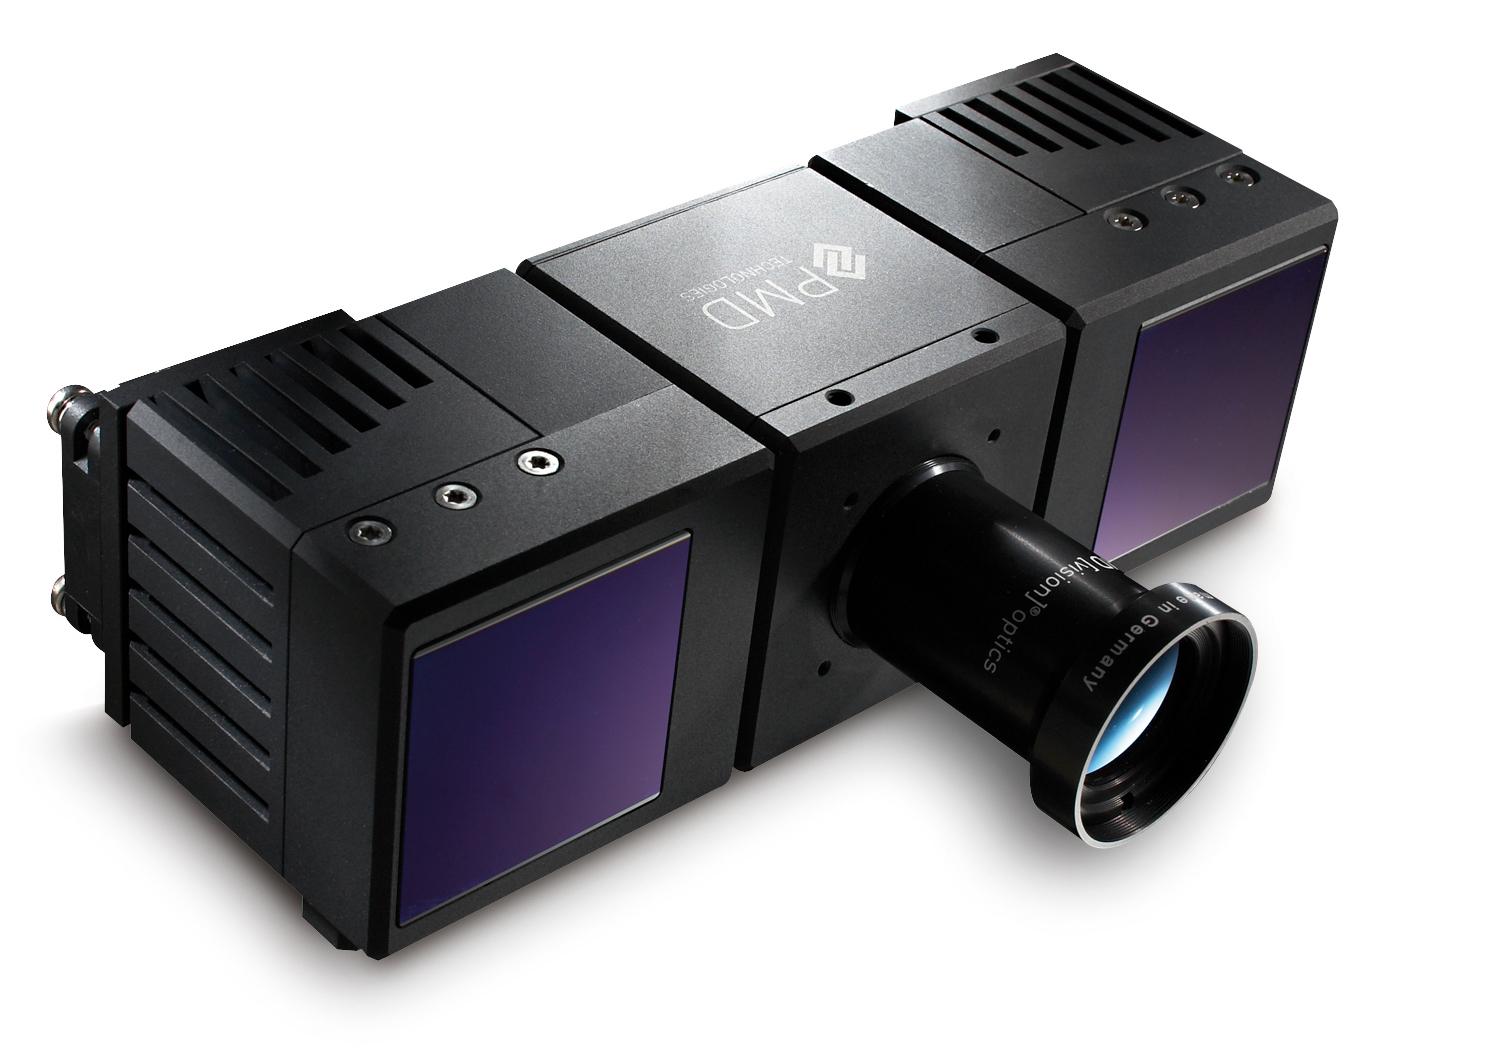 Laser Entfernungsmesser Ifm : Bosch dle professional laserentfernungsmesser in baden